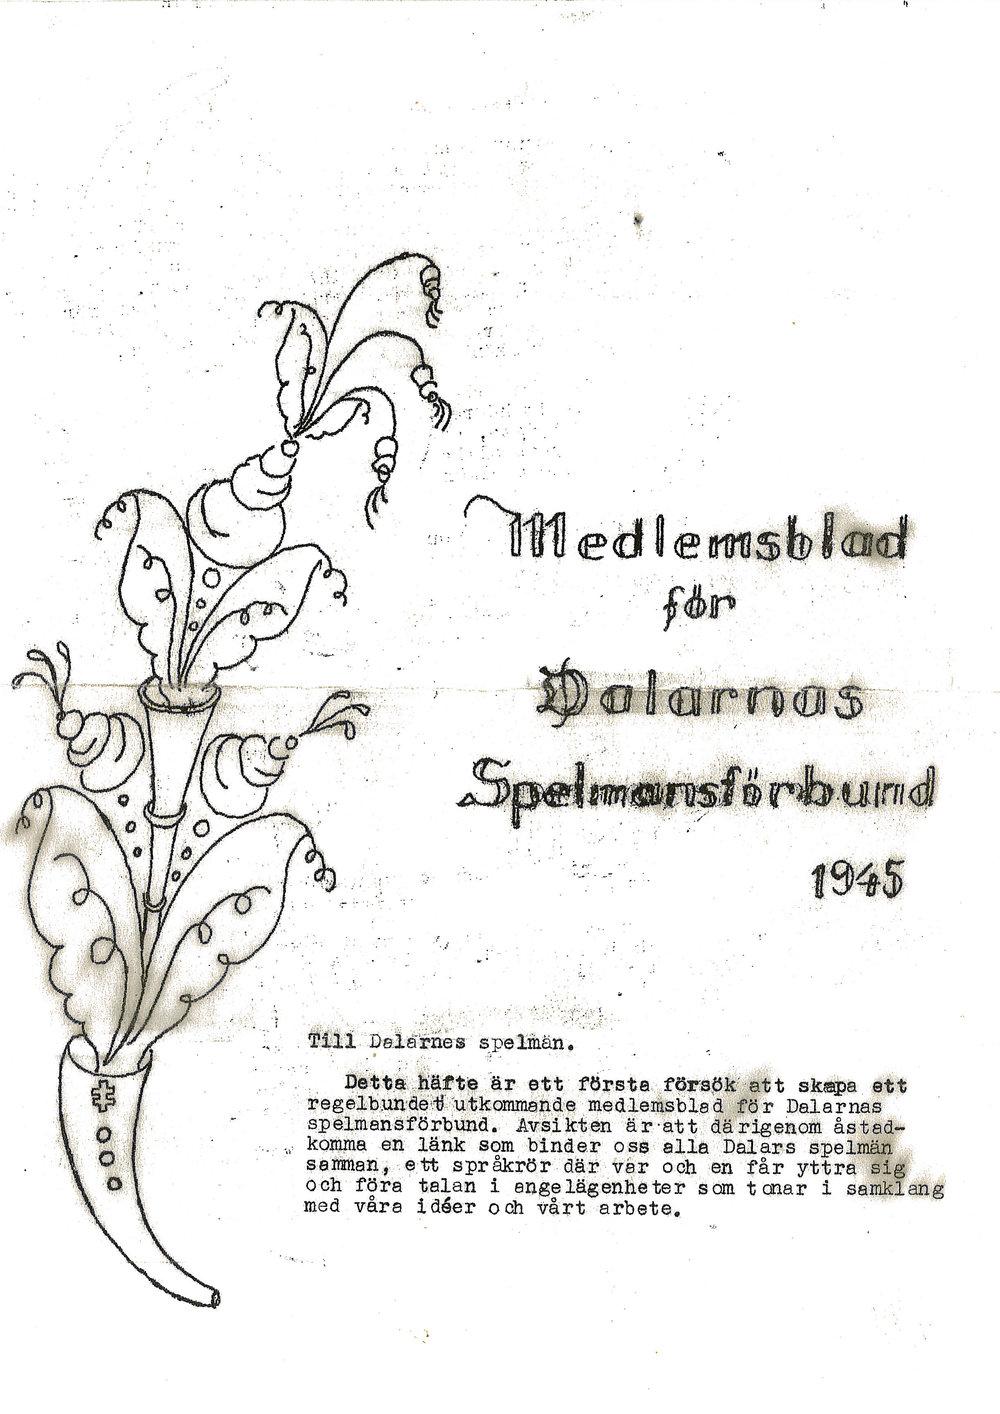 Nr 1... Första numret av Medlemsbladet från 1945.